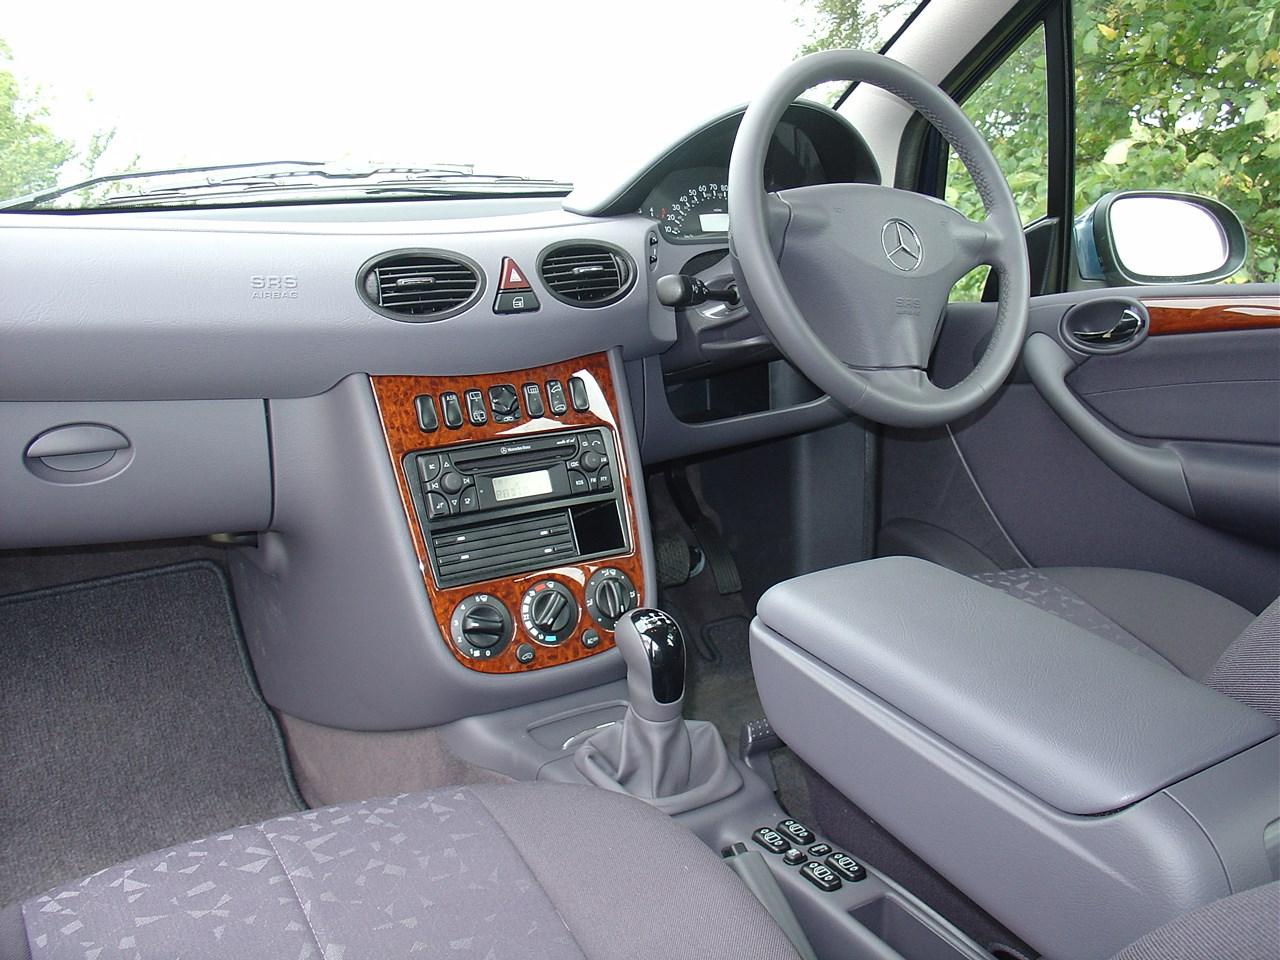 Mercedes-Benz A-Class Hatchback (1998 - 2004) Driving ...